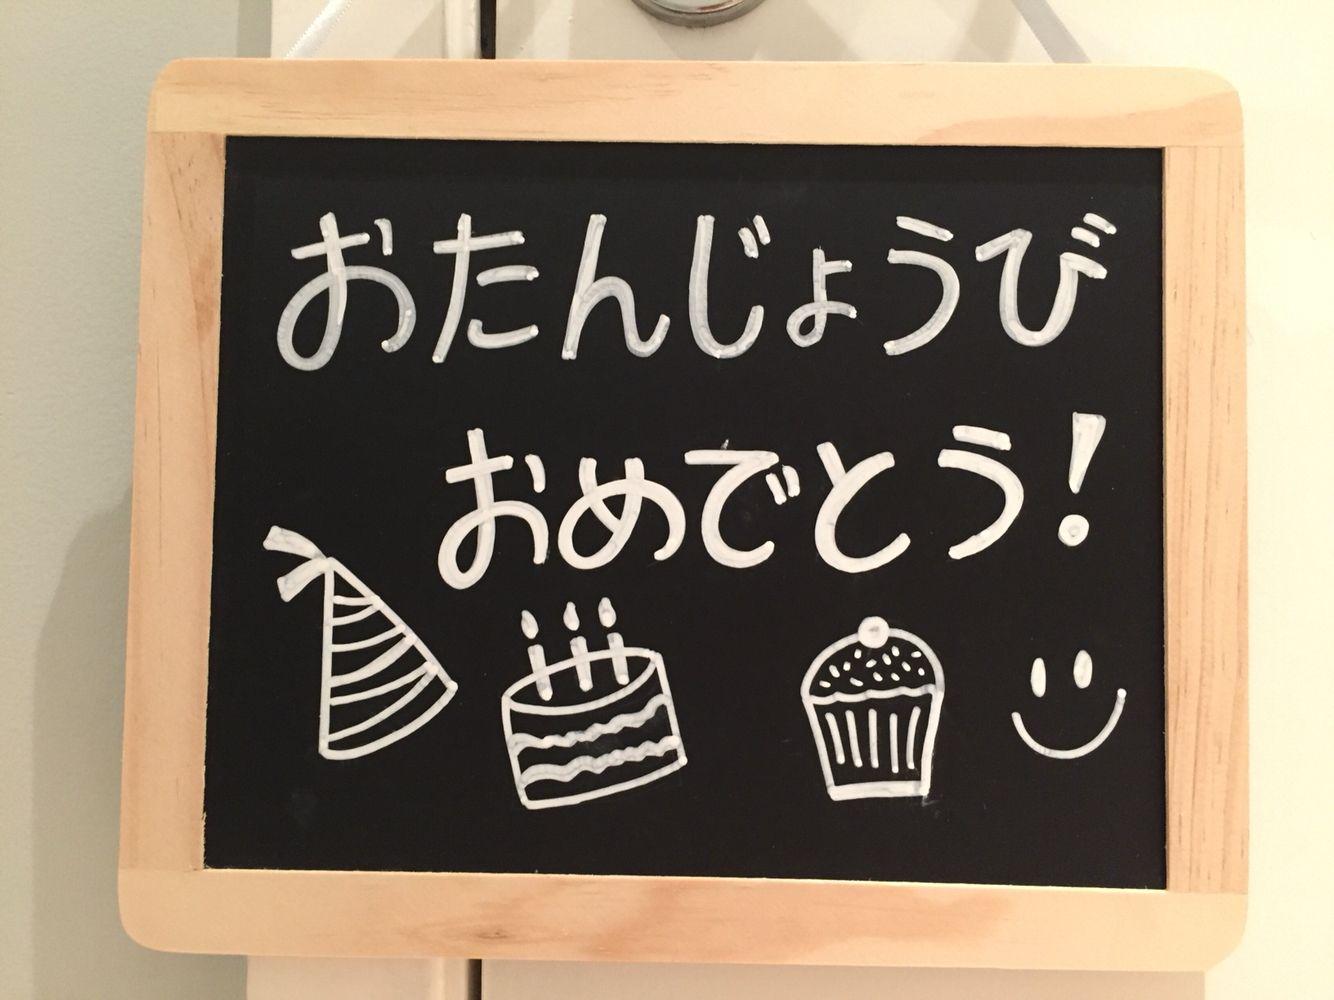 Những cách nói chúc mừng sinh nhật trong tiếng Nhật